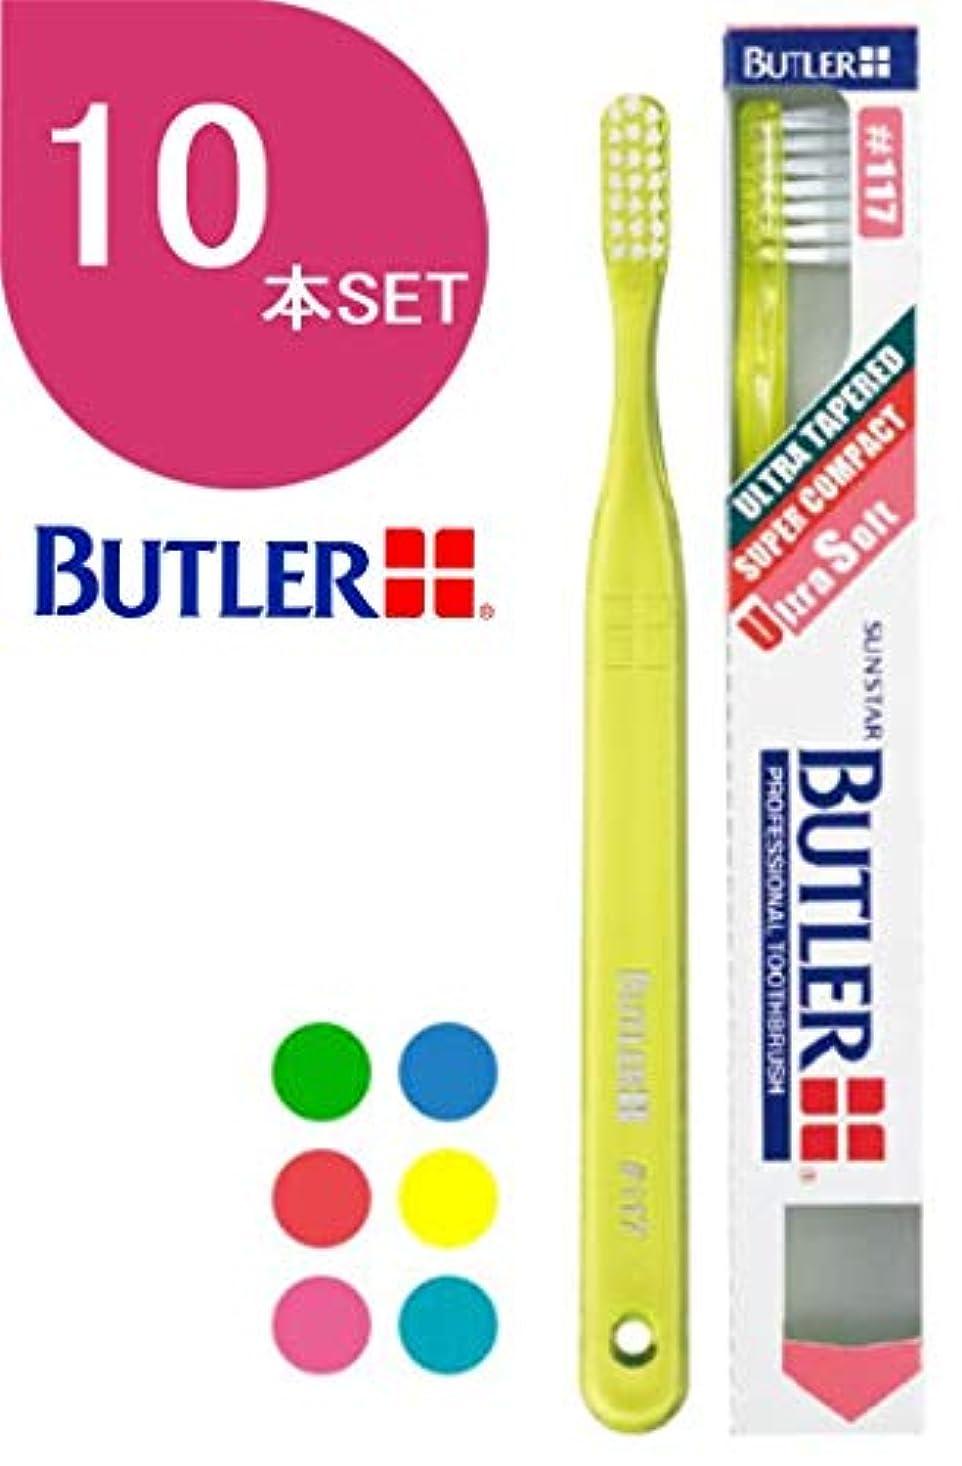 モザイクソフィーペグサンスター バトラー(BUTLER) 歯ブラシ 10本 #117